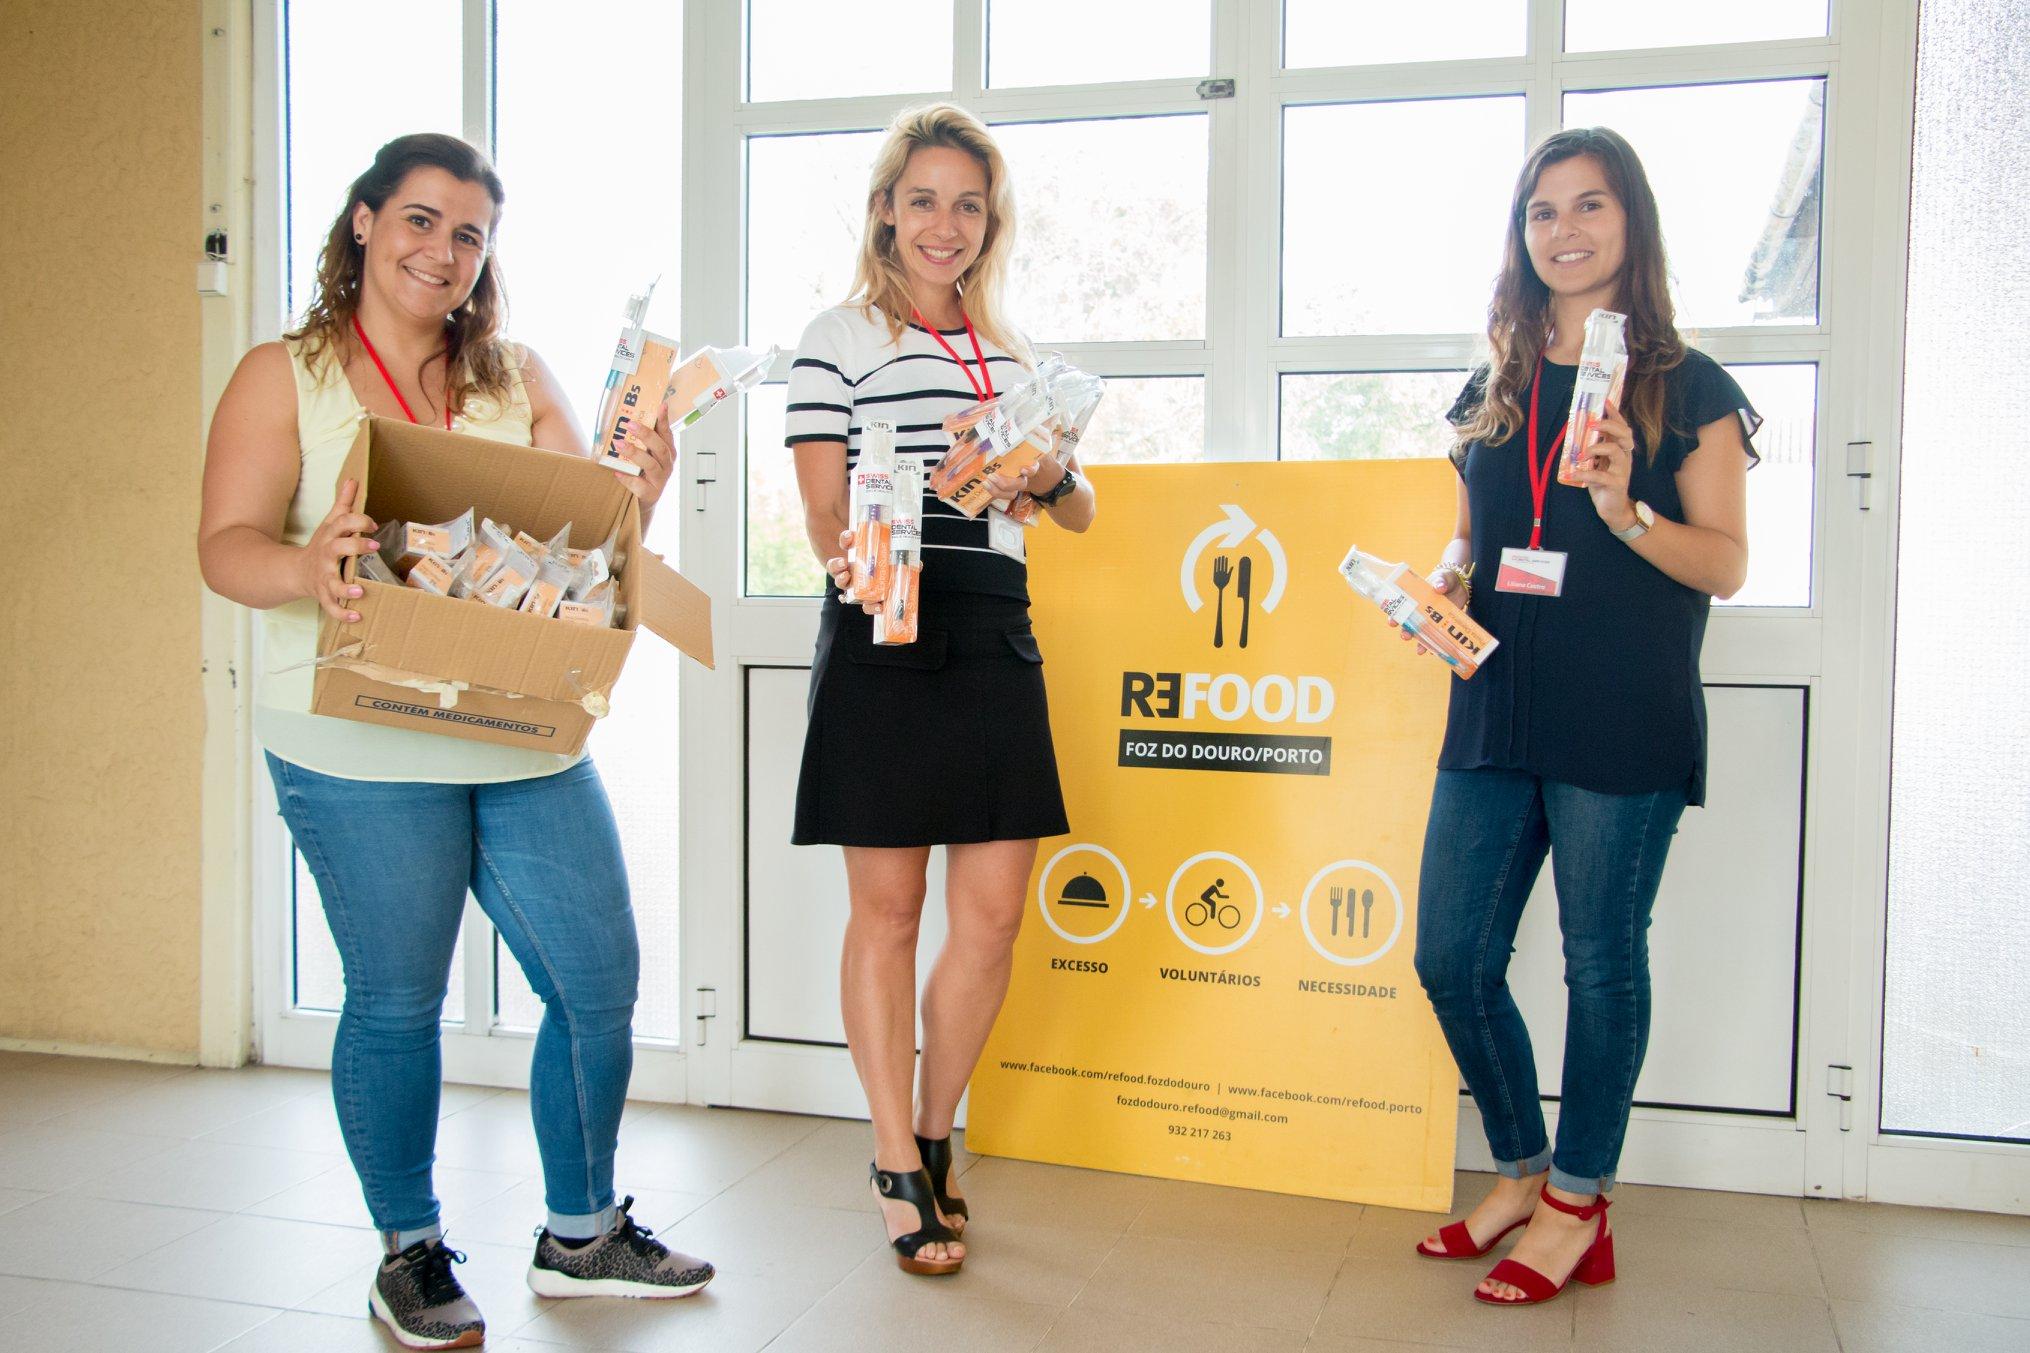 Imagem da notícia: Swiss Dental Services realizou ação solidária na Refood